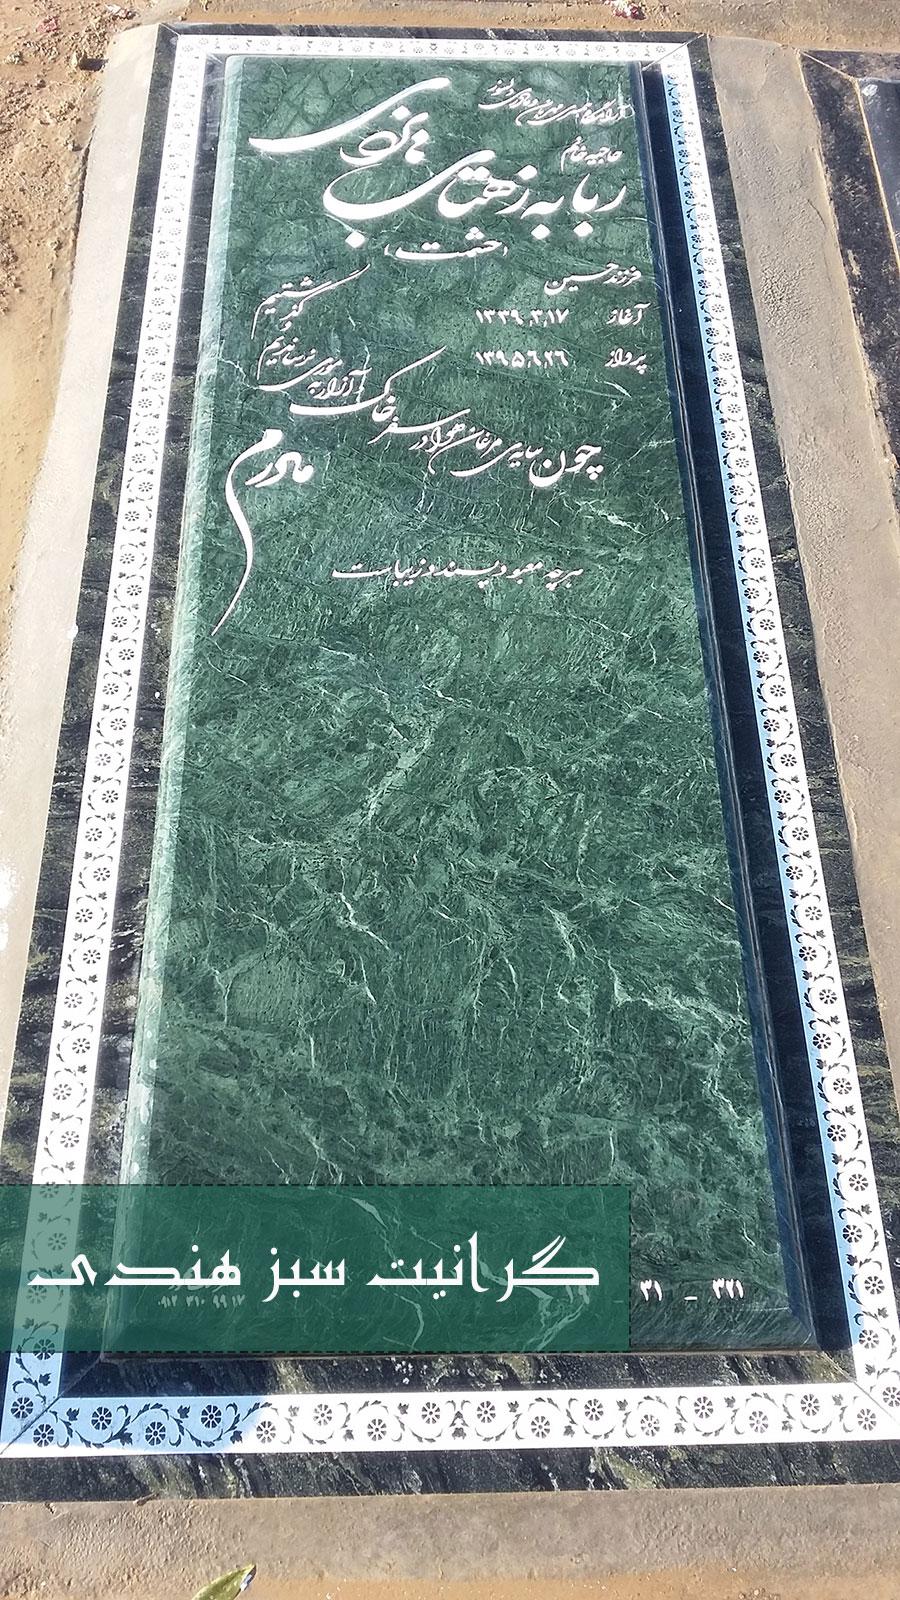 سنگ مزار گرانیت سبز هندی